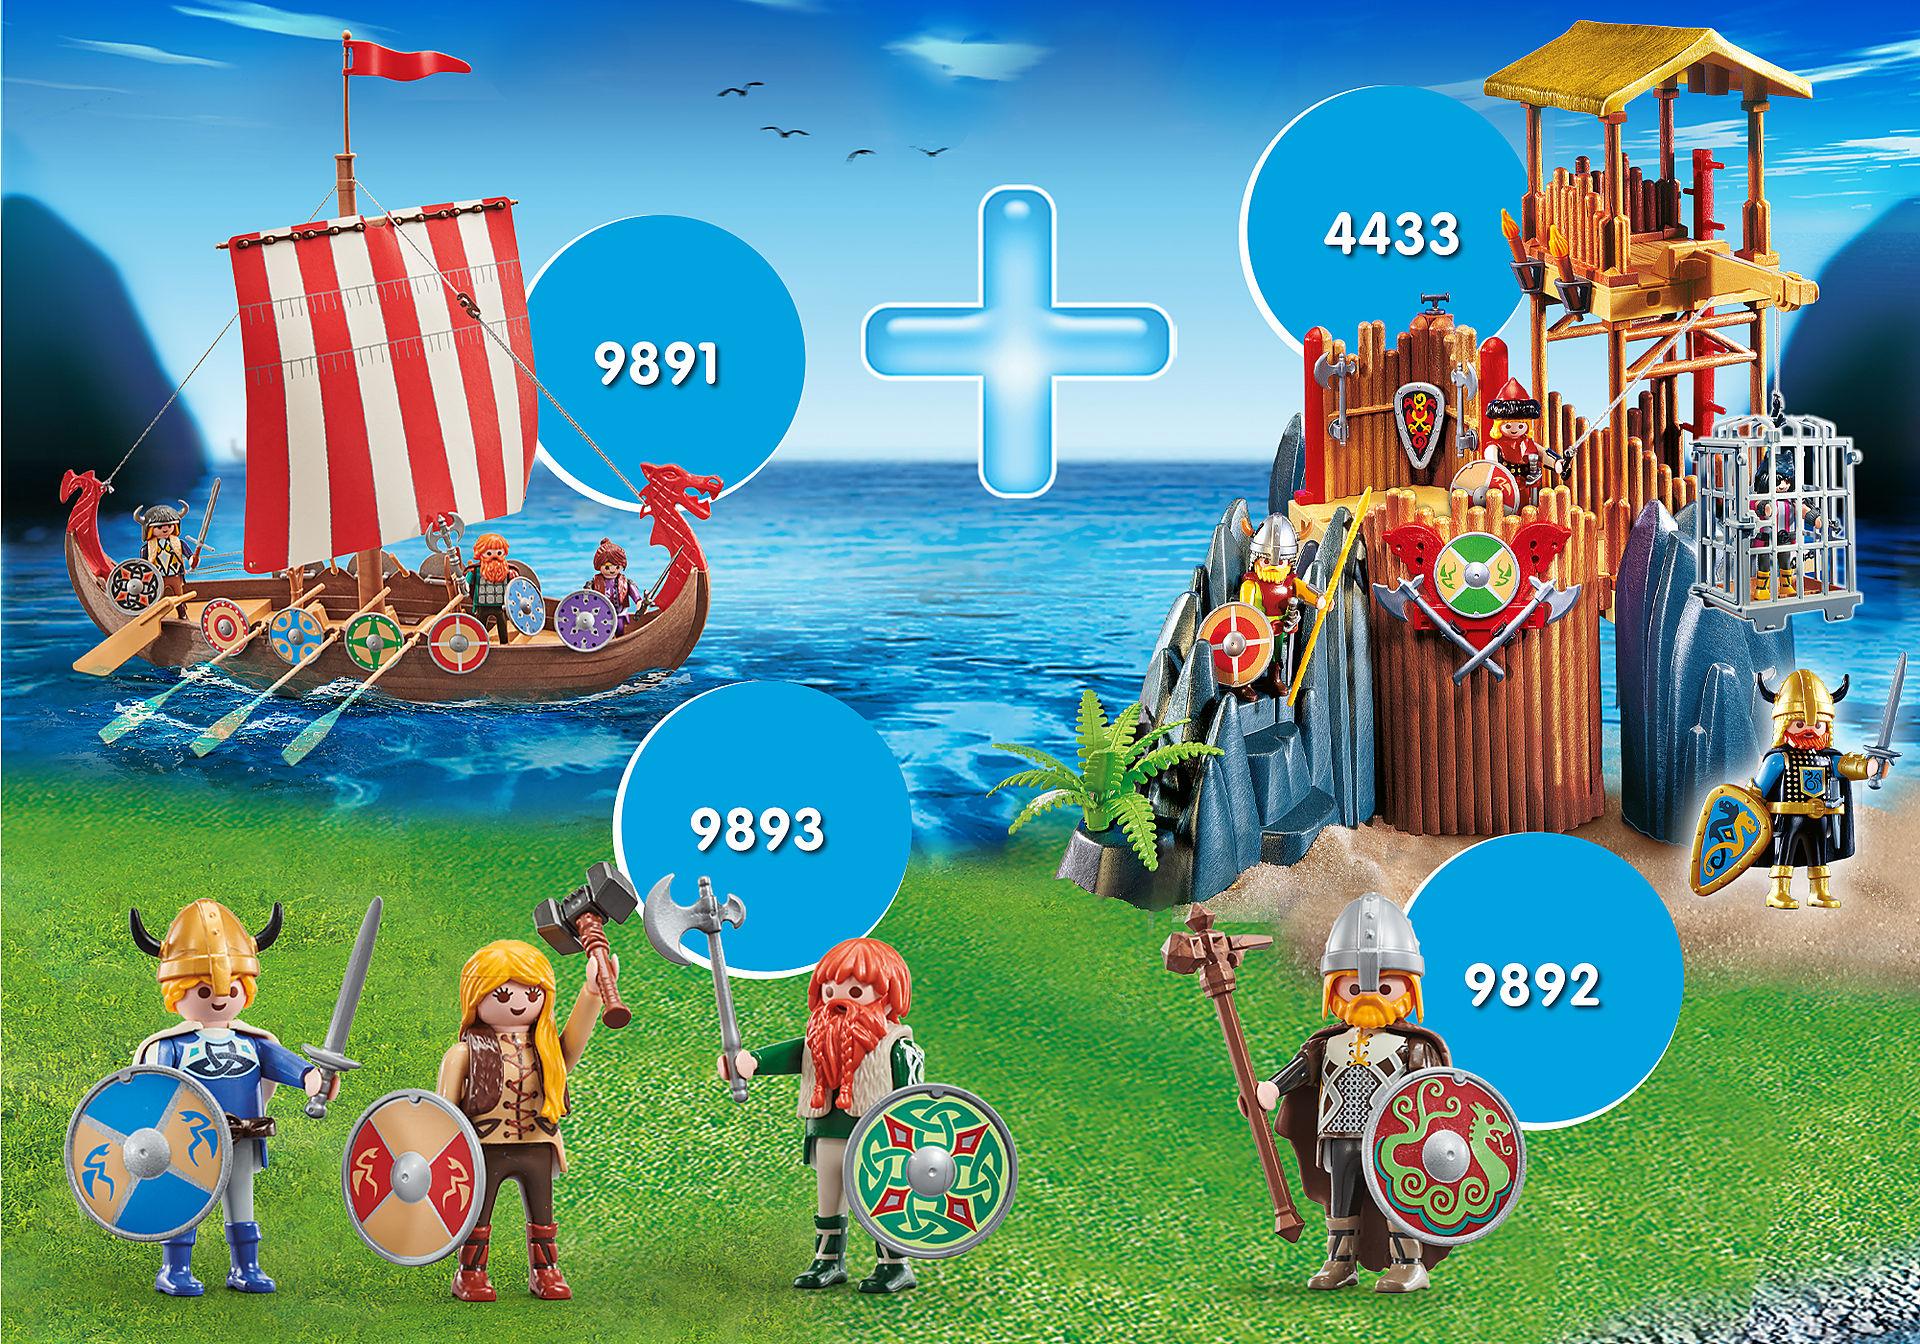 """Playmobil-Set """"Wikinger"""" mit Wikingerschiff (9891), Bastion (4433) und Wikingern"""